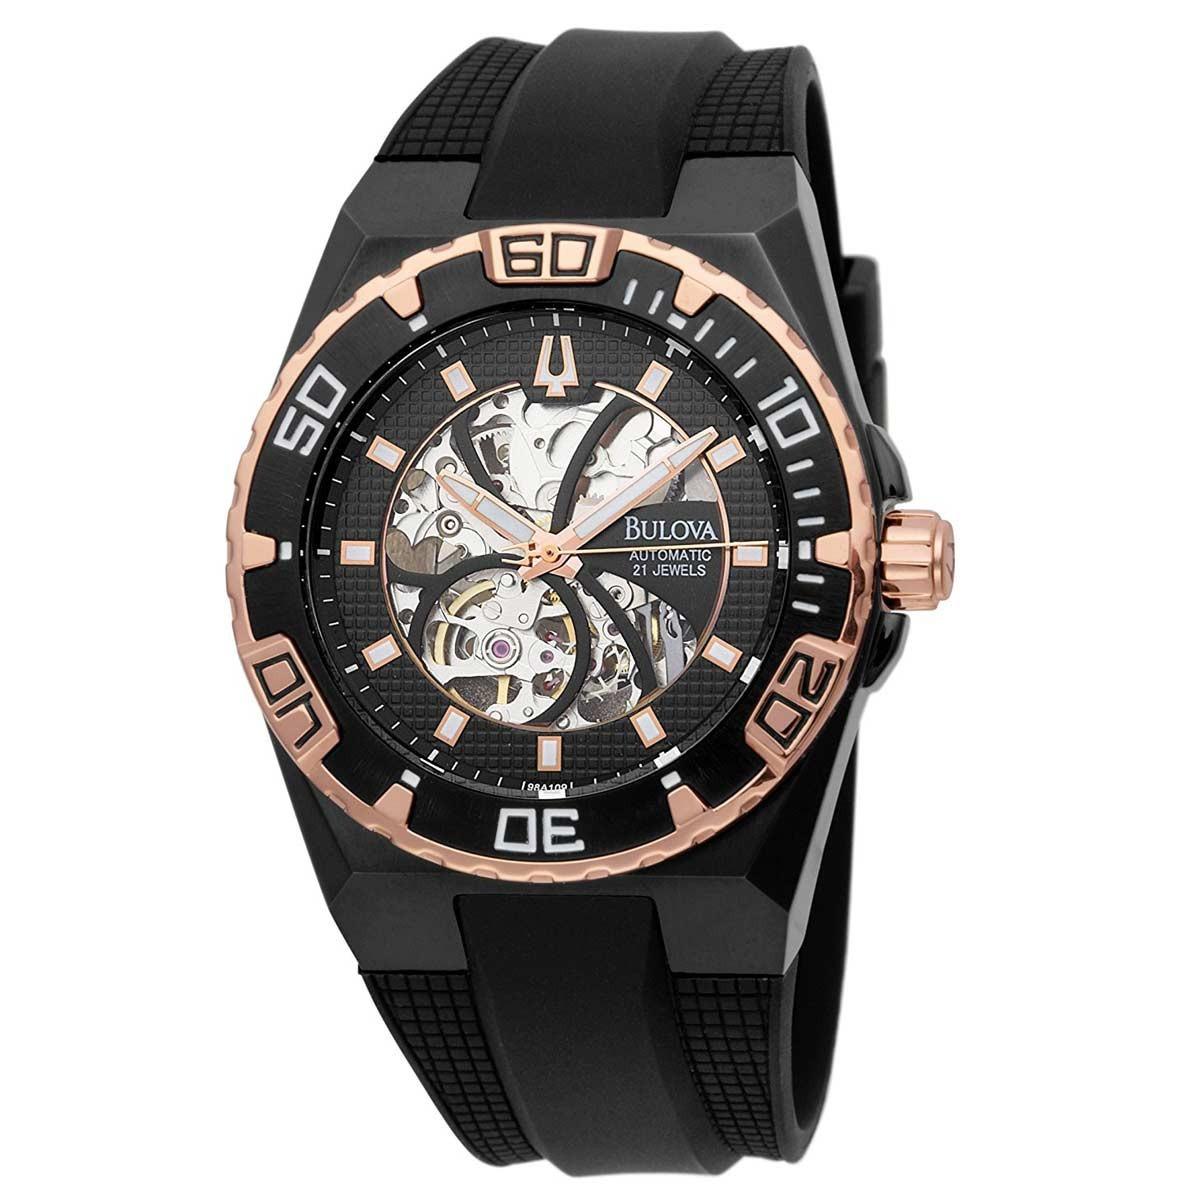 90f55479ac4 relógio bulova automatic 21 jewels 98a109 preto c dourado. Carregando zoom.